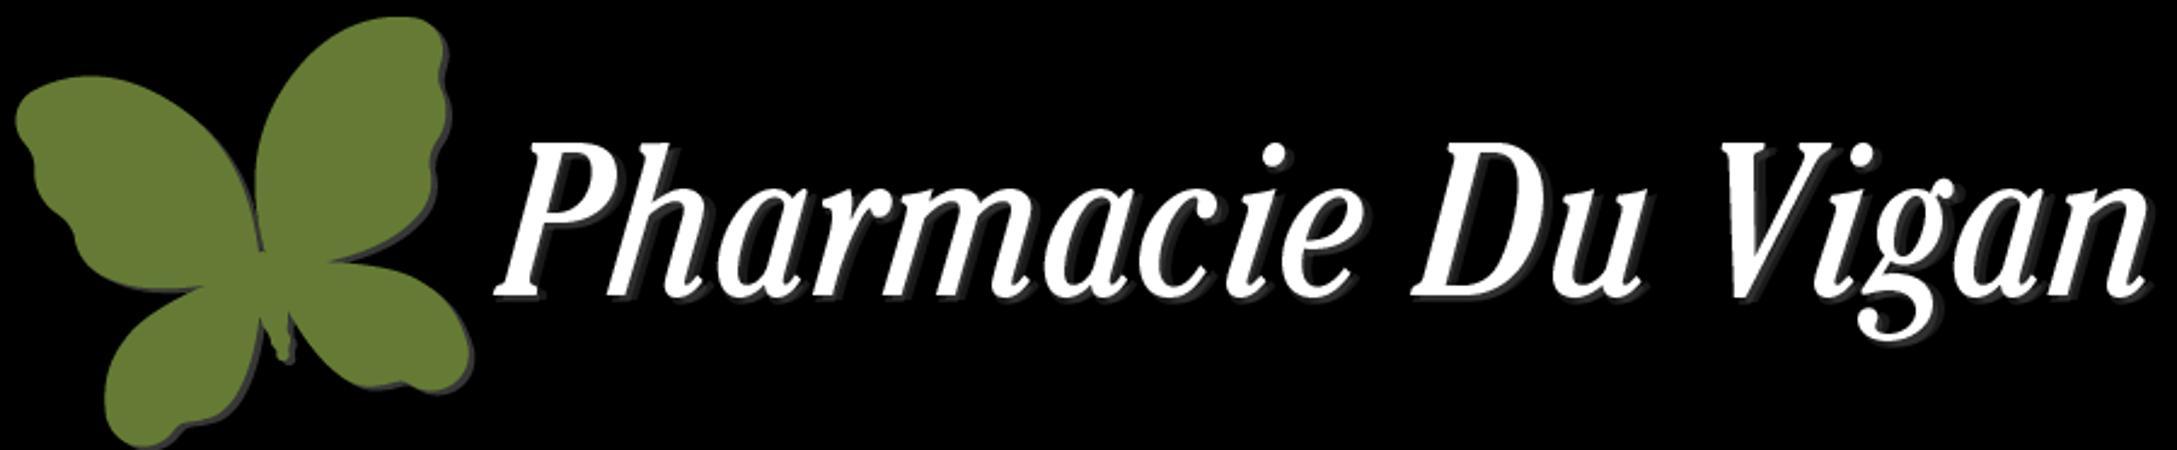 Pharmacie Du Vigan Albi